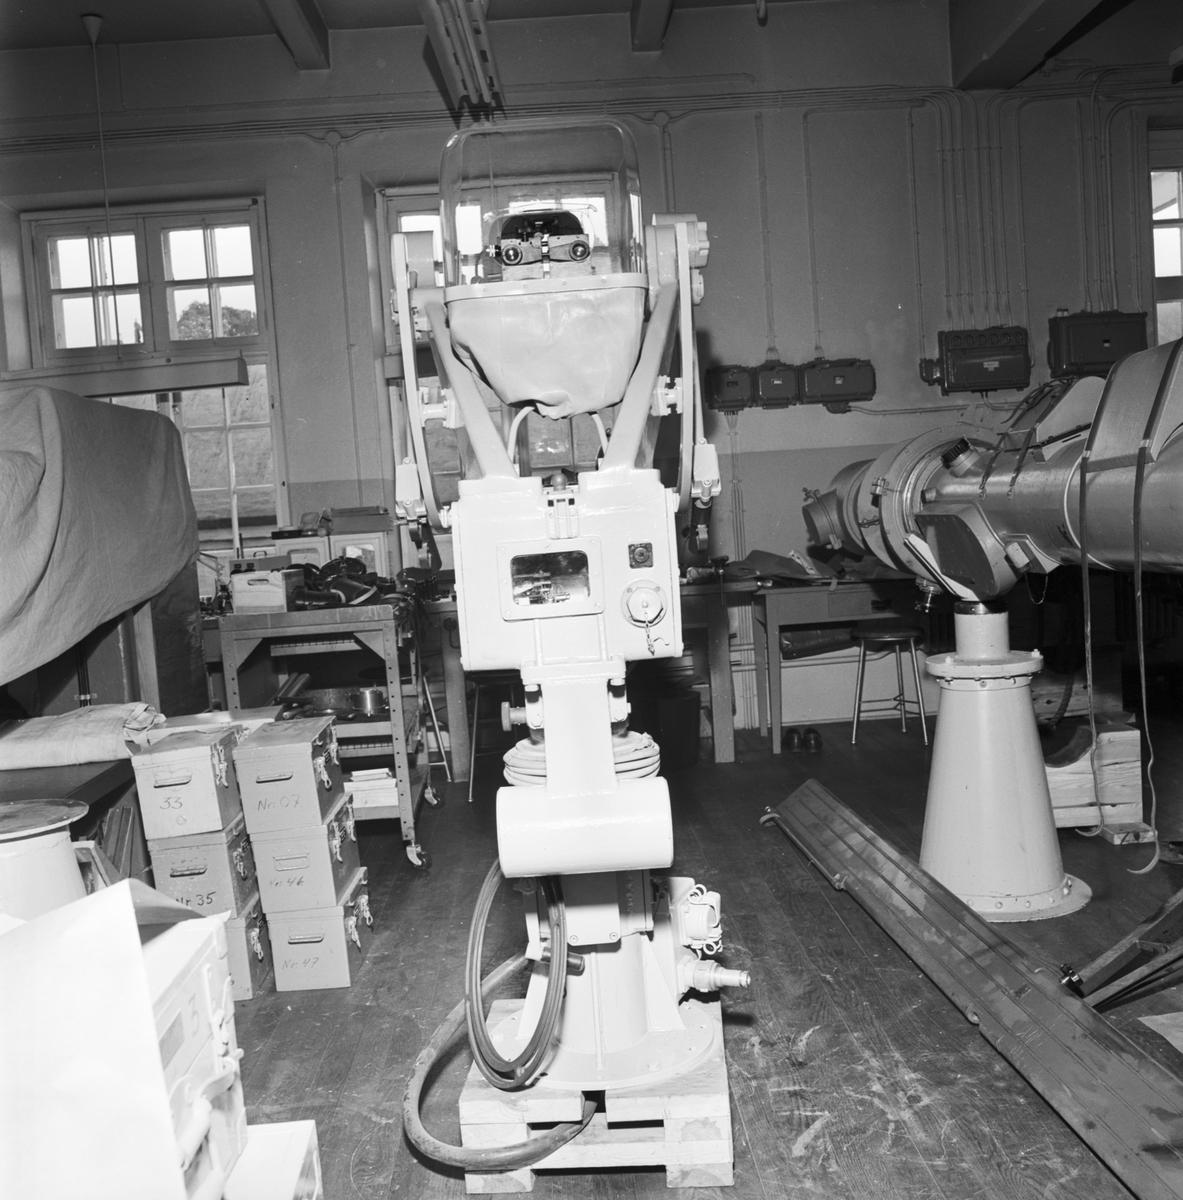 Övrigt: Foto datum: 4/6 1964 Verkstäder och personal. Sikte (Opt.verkstan). Närmast identisk bild: V28734 och V28735, ej skannade